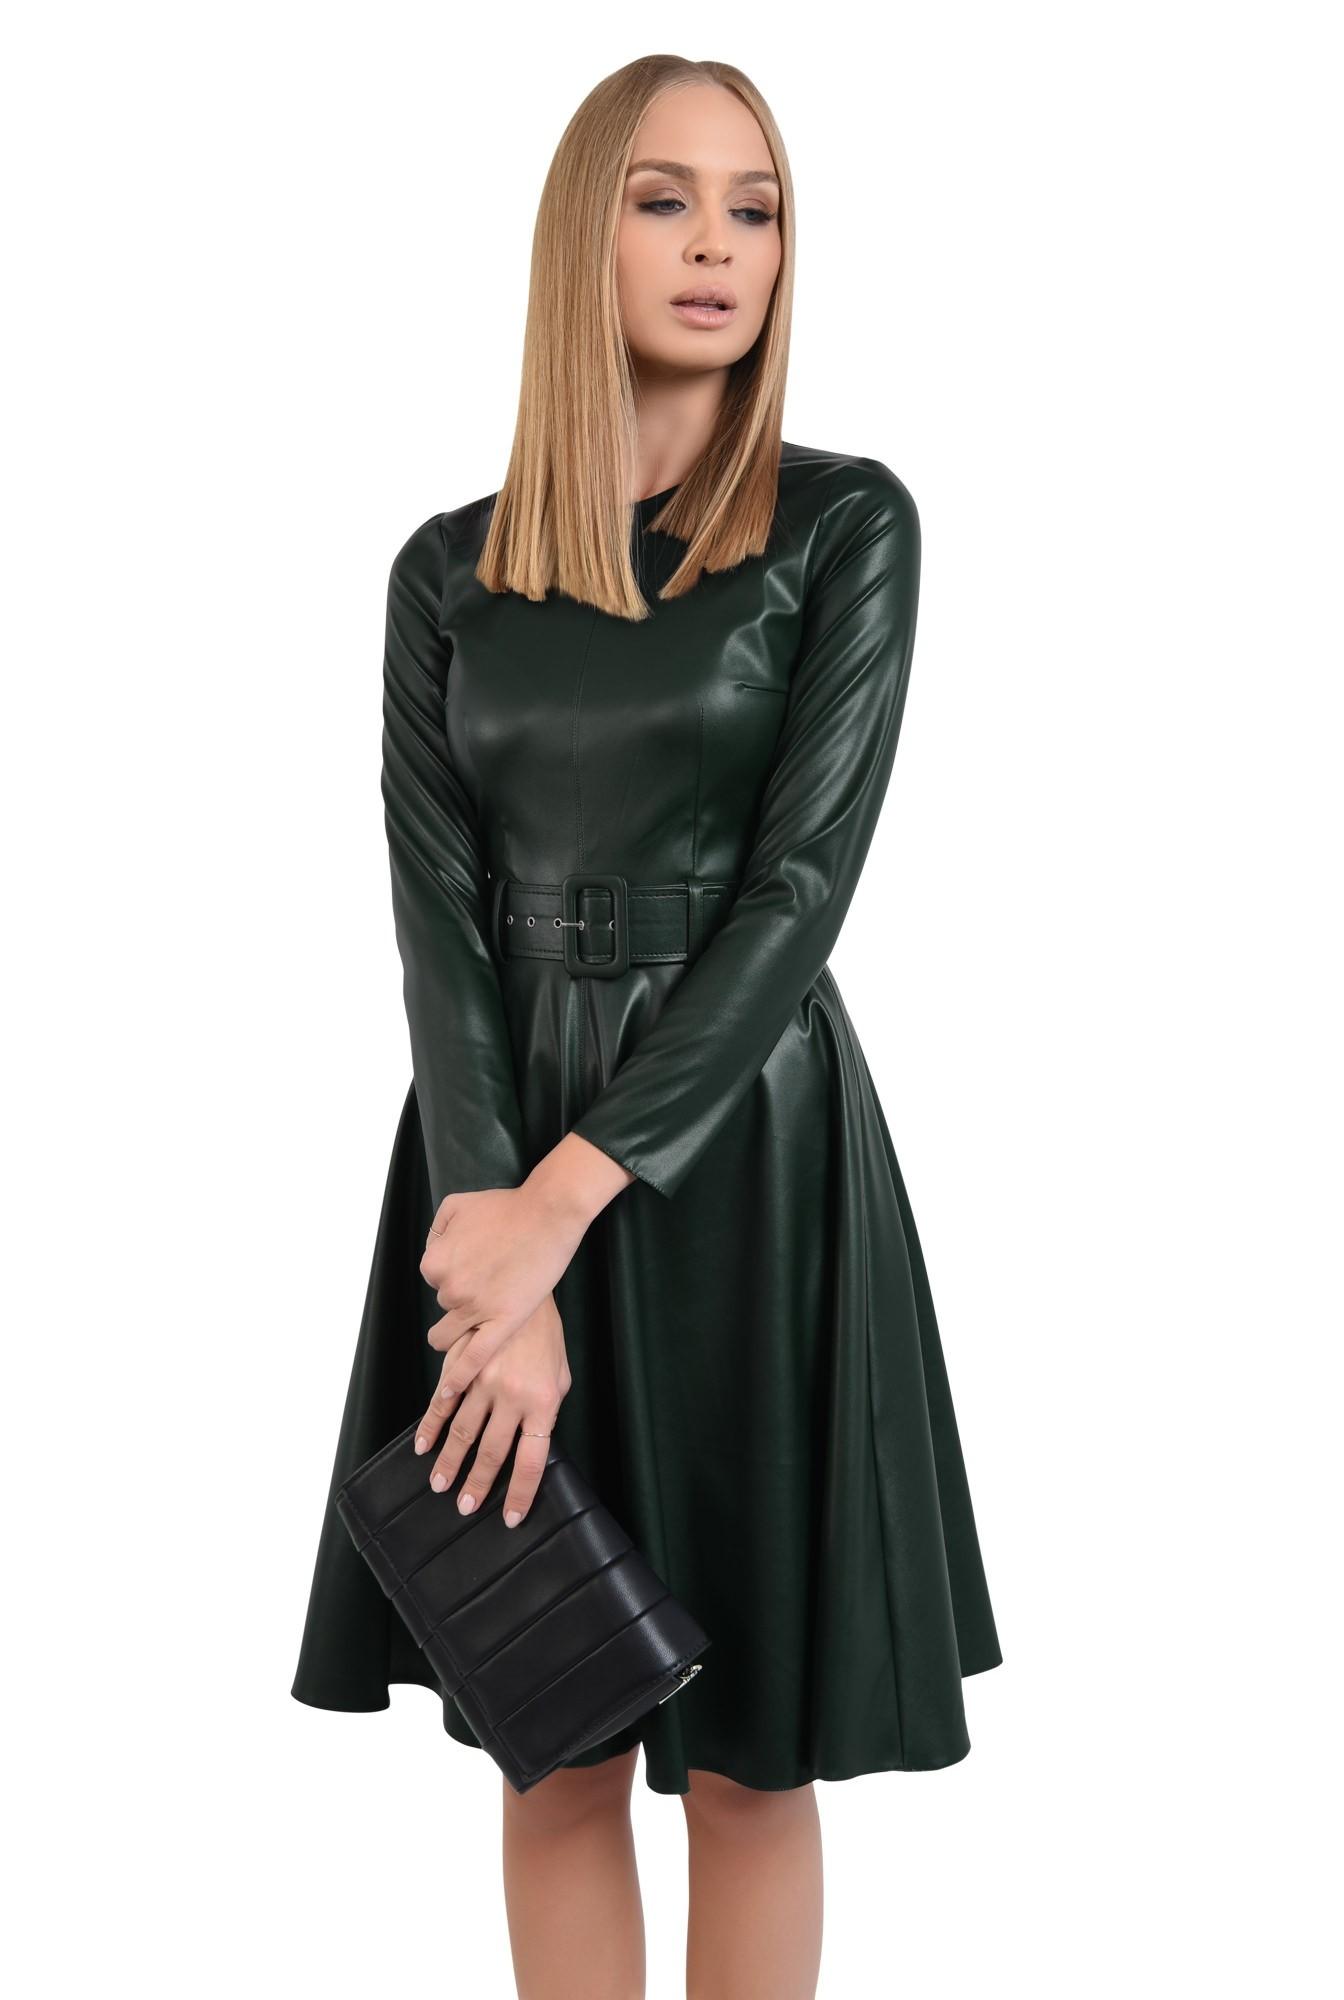 rochie casual verde, centura, cambrata, fermoar la spate, rochii online